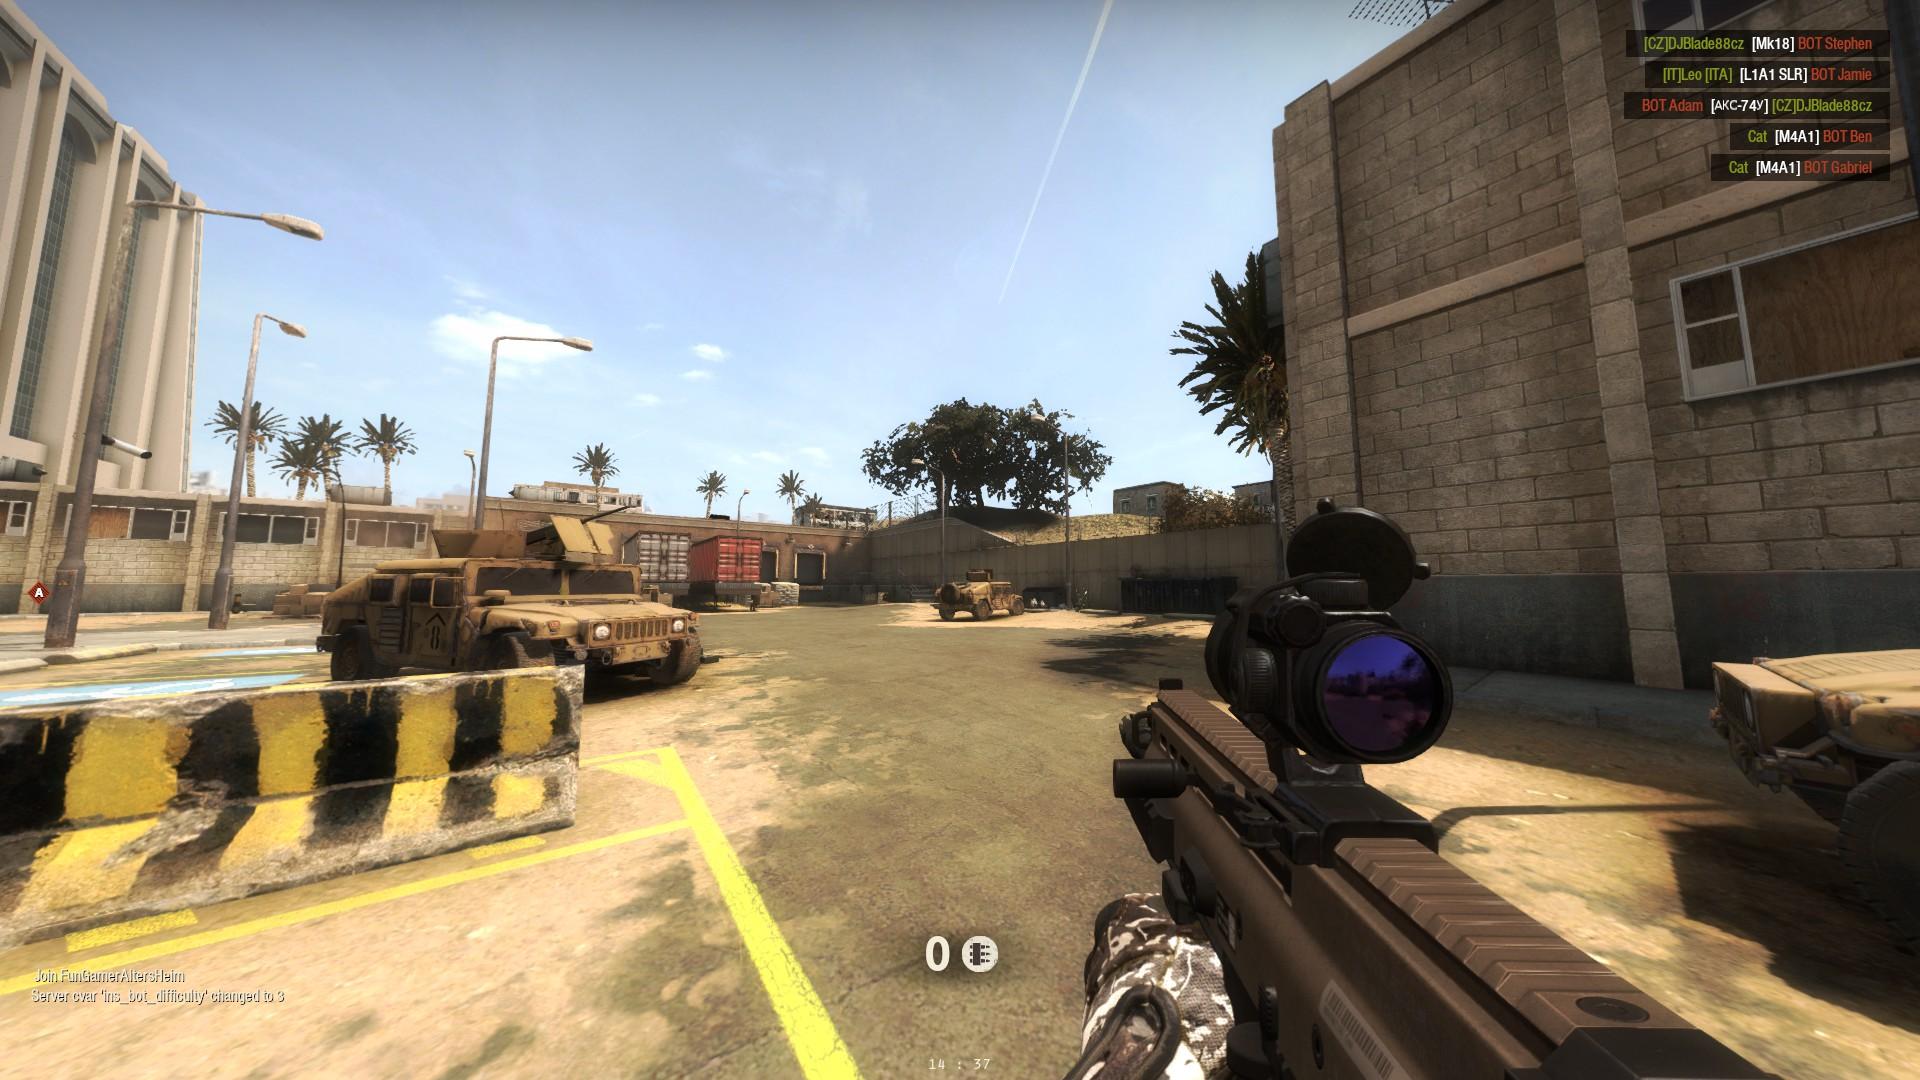 разрывы изображения в играх